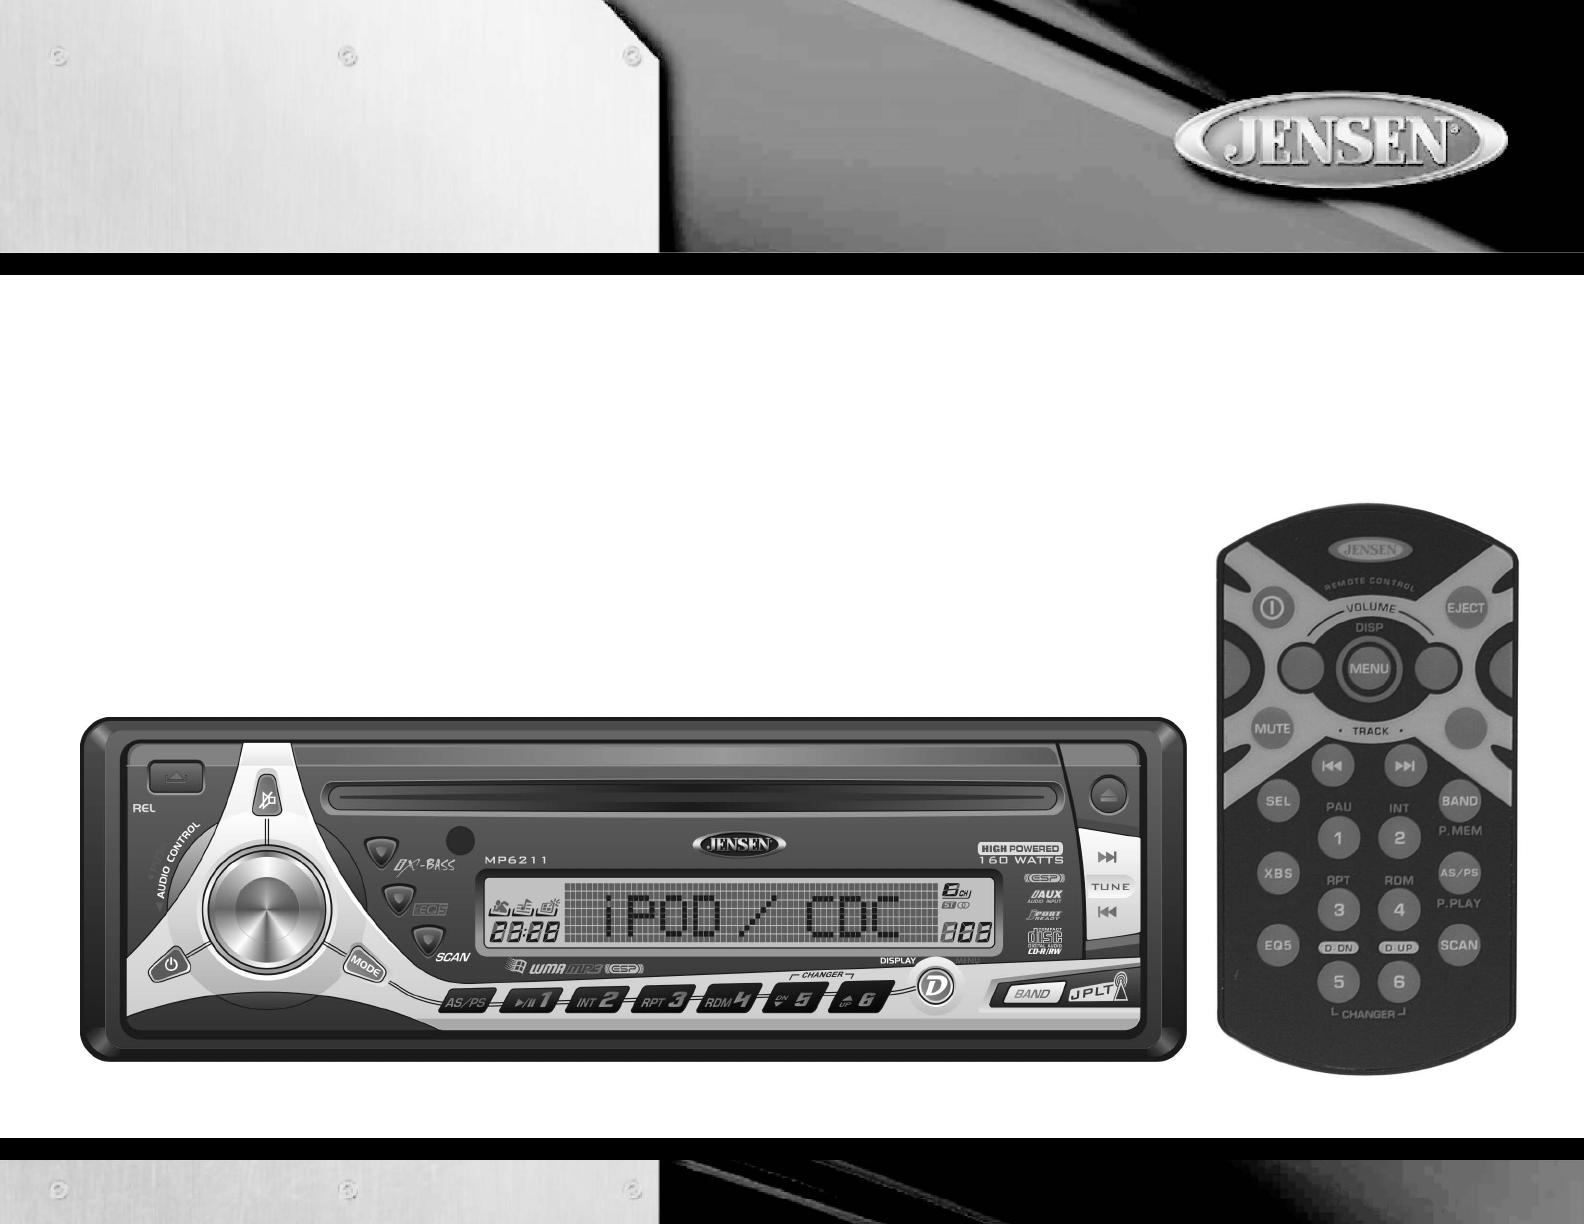 jensen car stereo system mp6211 user guide manualsonline com rh caraudio manualsonline com jensen marine radio manual jensen boat radio manual ms3a